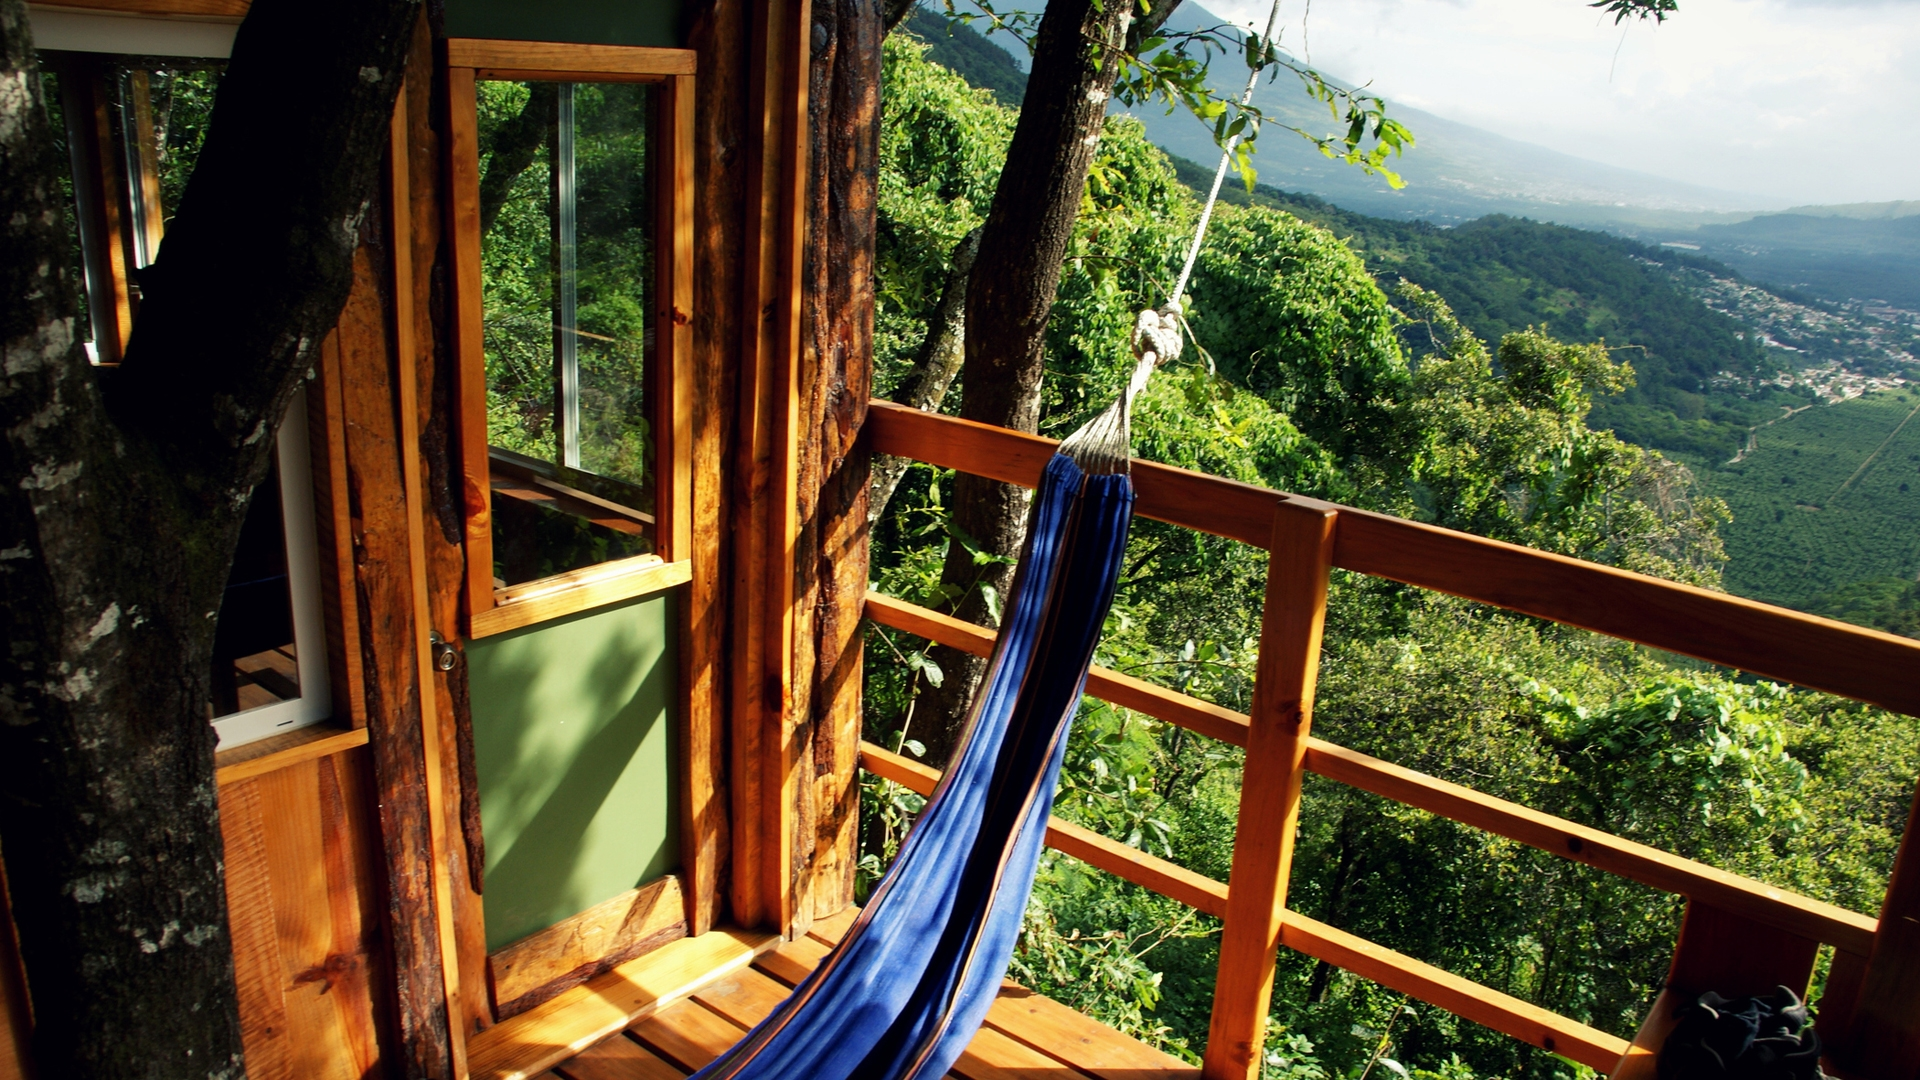 Construcciones ecológicas: Dormir en los árboles